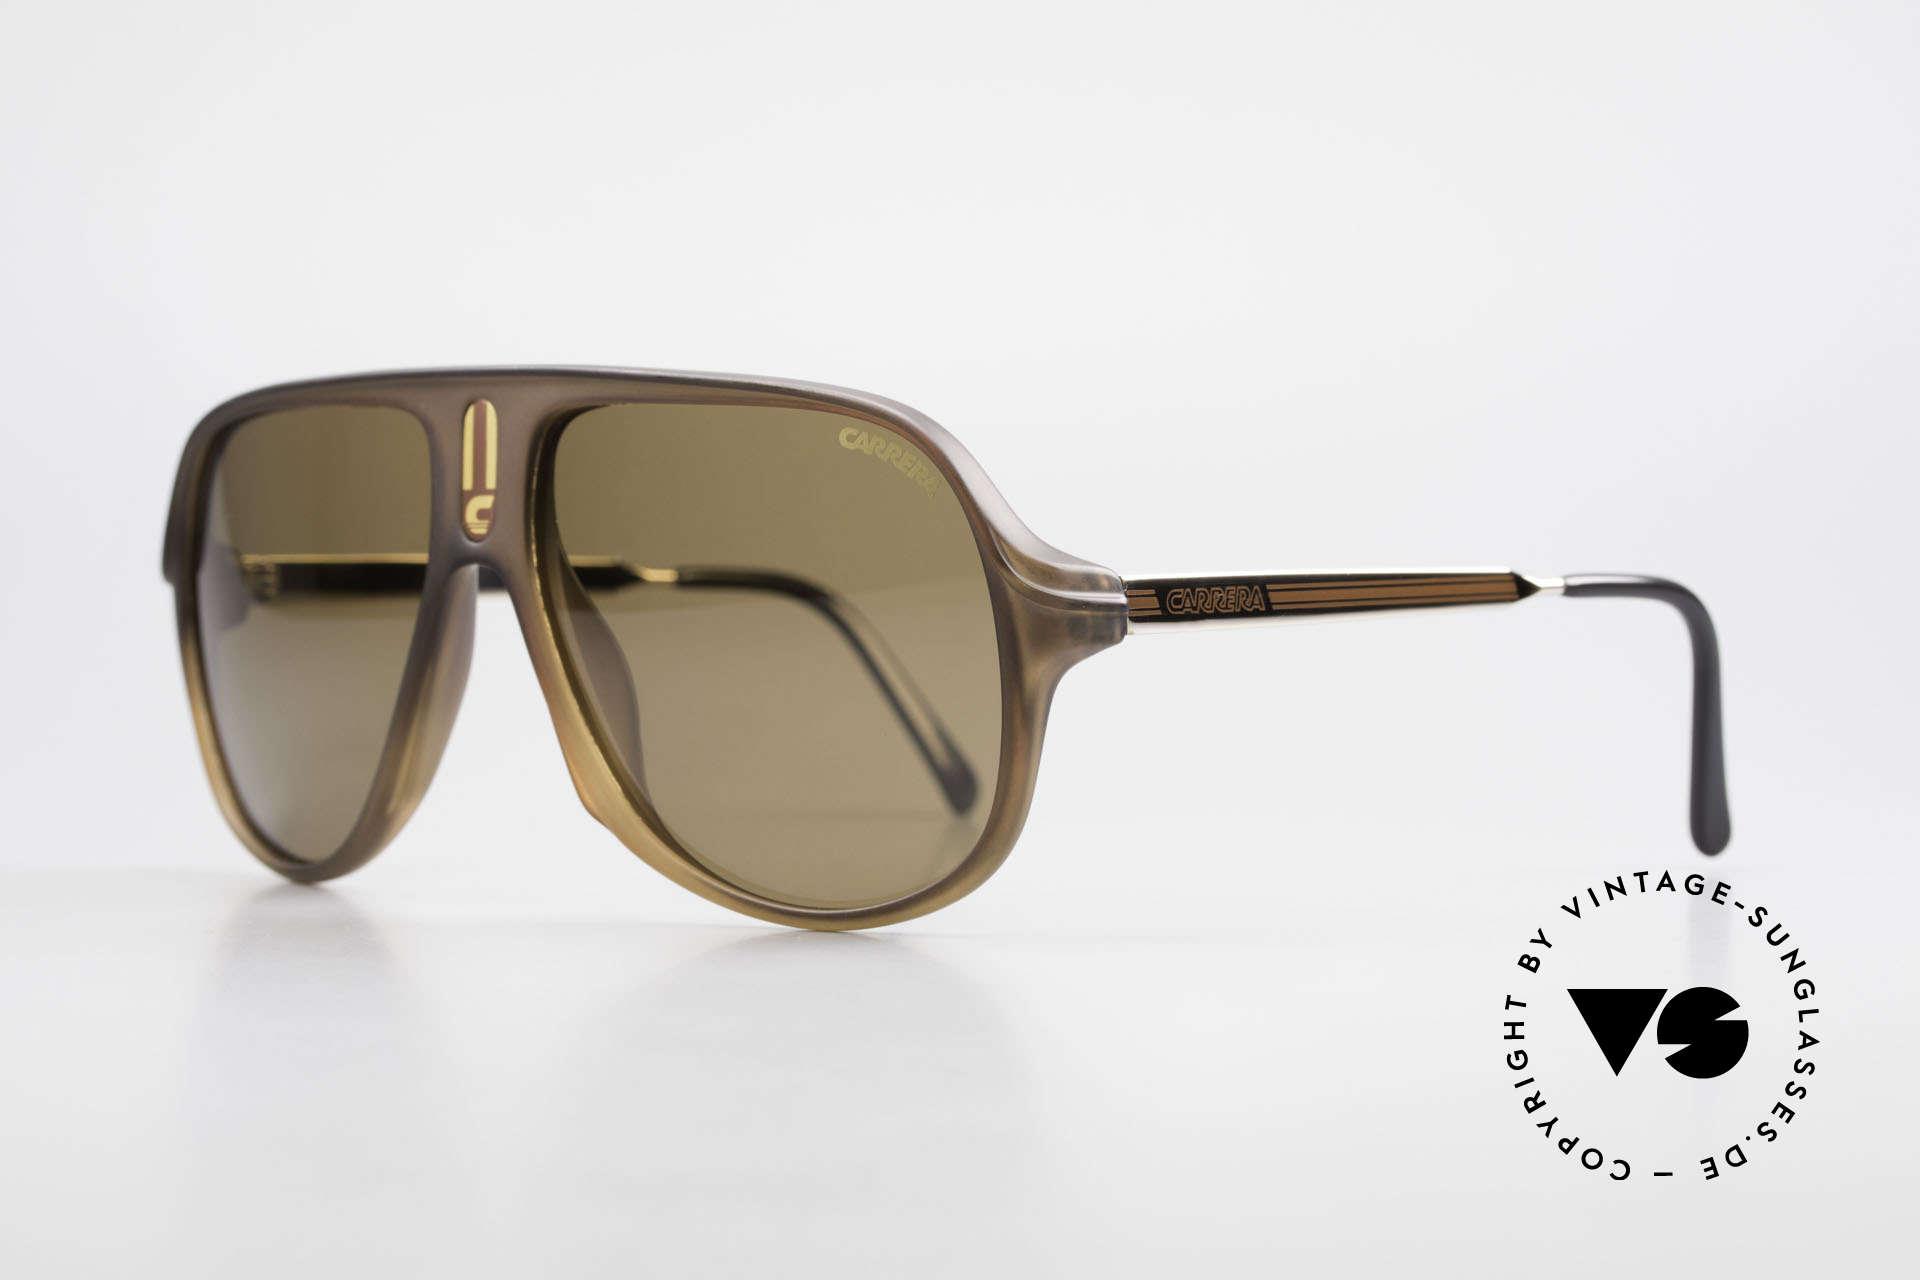 Carrera 5547 Polarisierende Sonnenbrille, braune, POLARISIERENDE Gläser, 100% UV Schutz, Passend für Herren